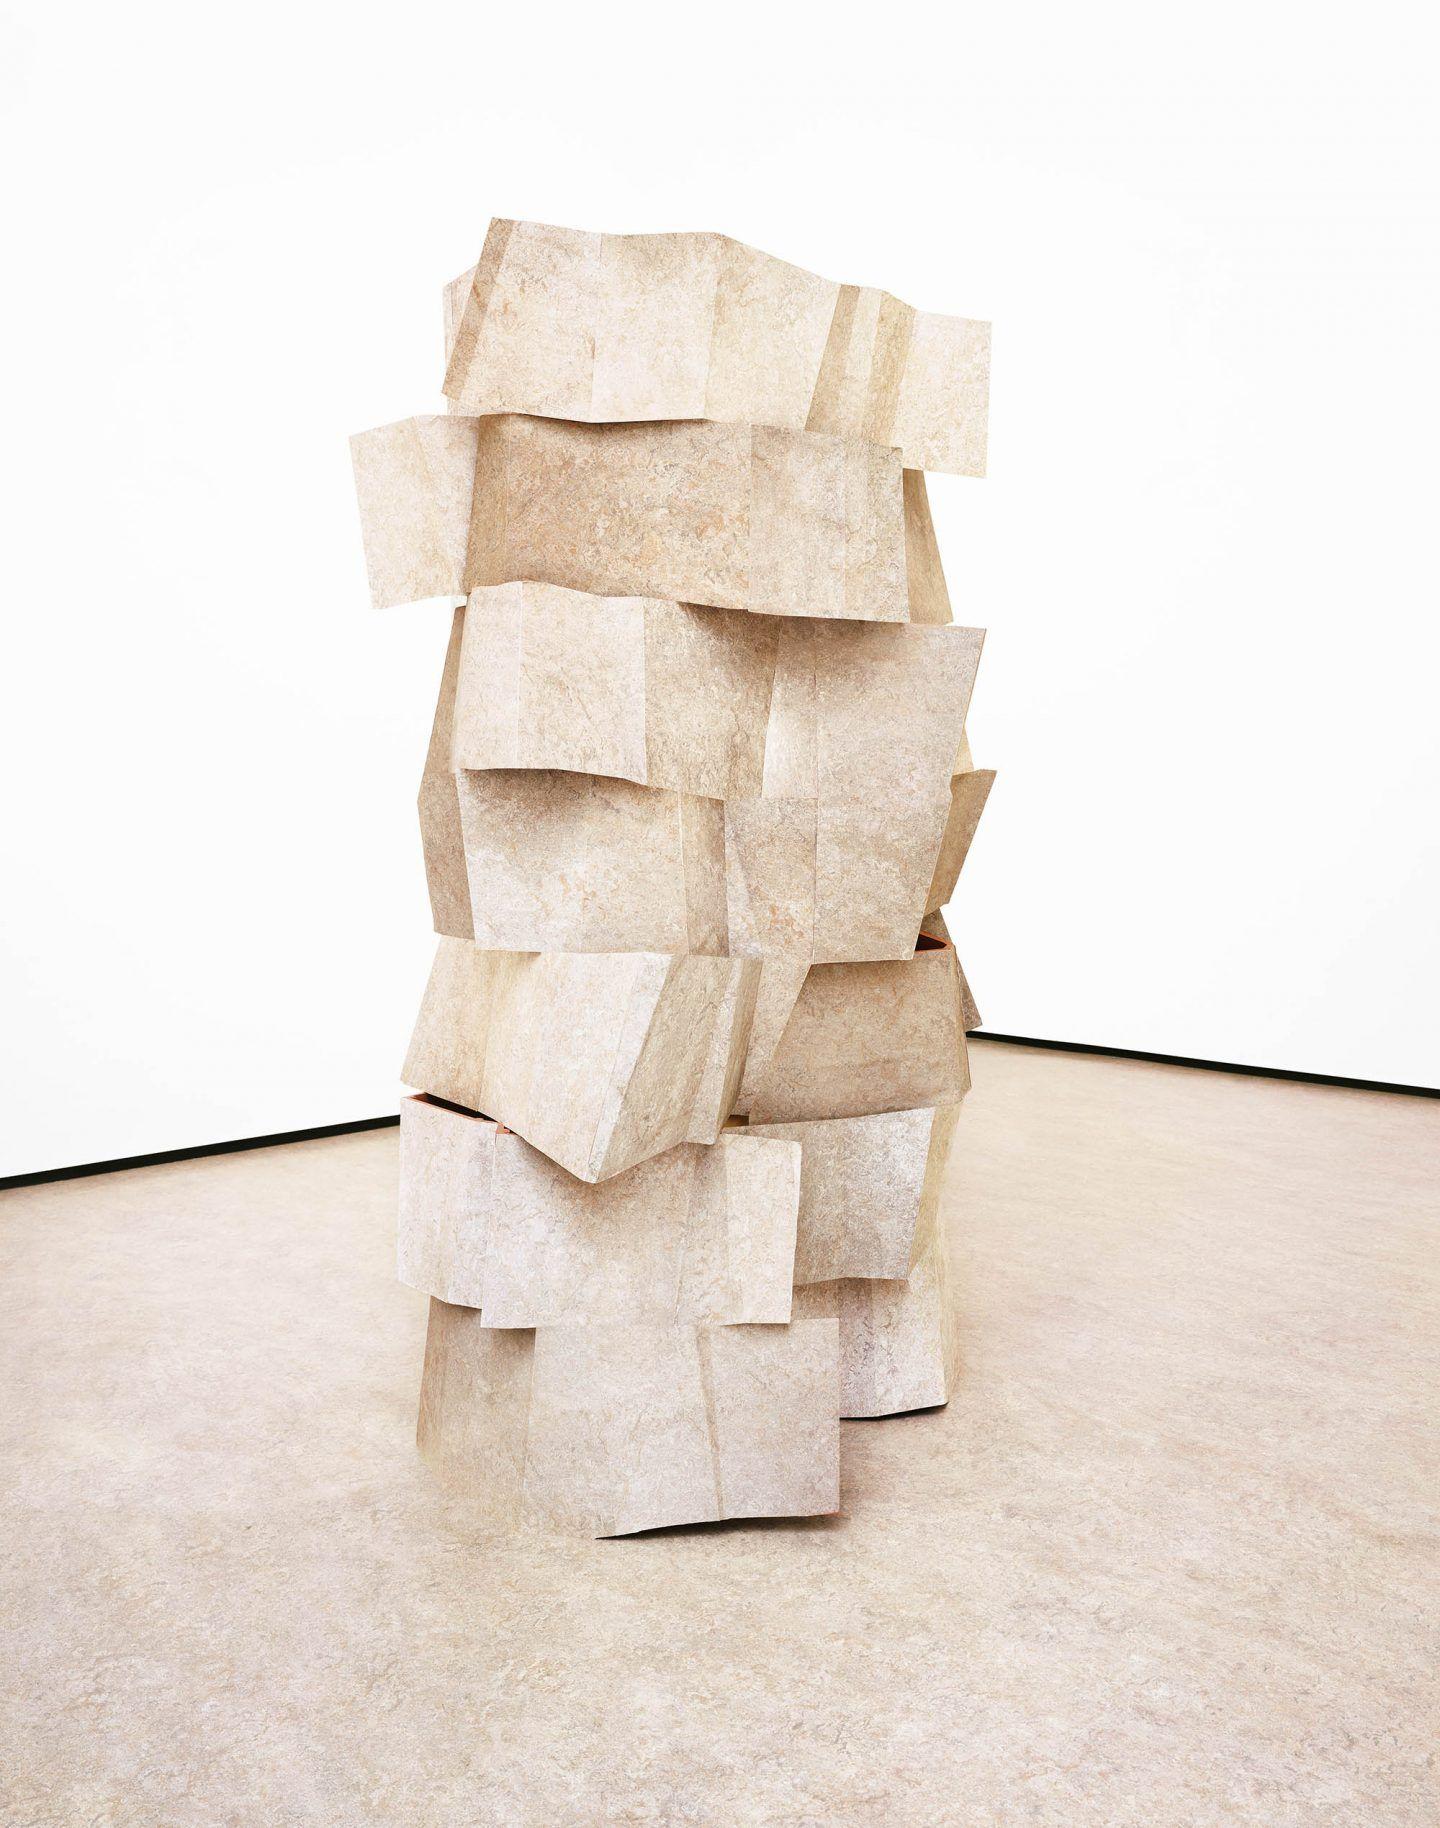 IGNANT-Art-Marleen-Sleeuwits-Installations-009